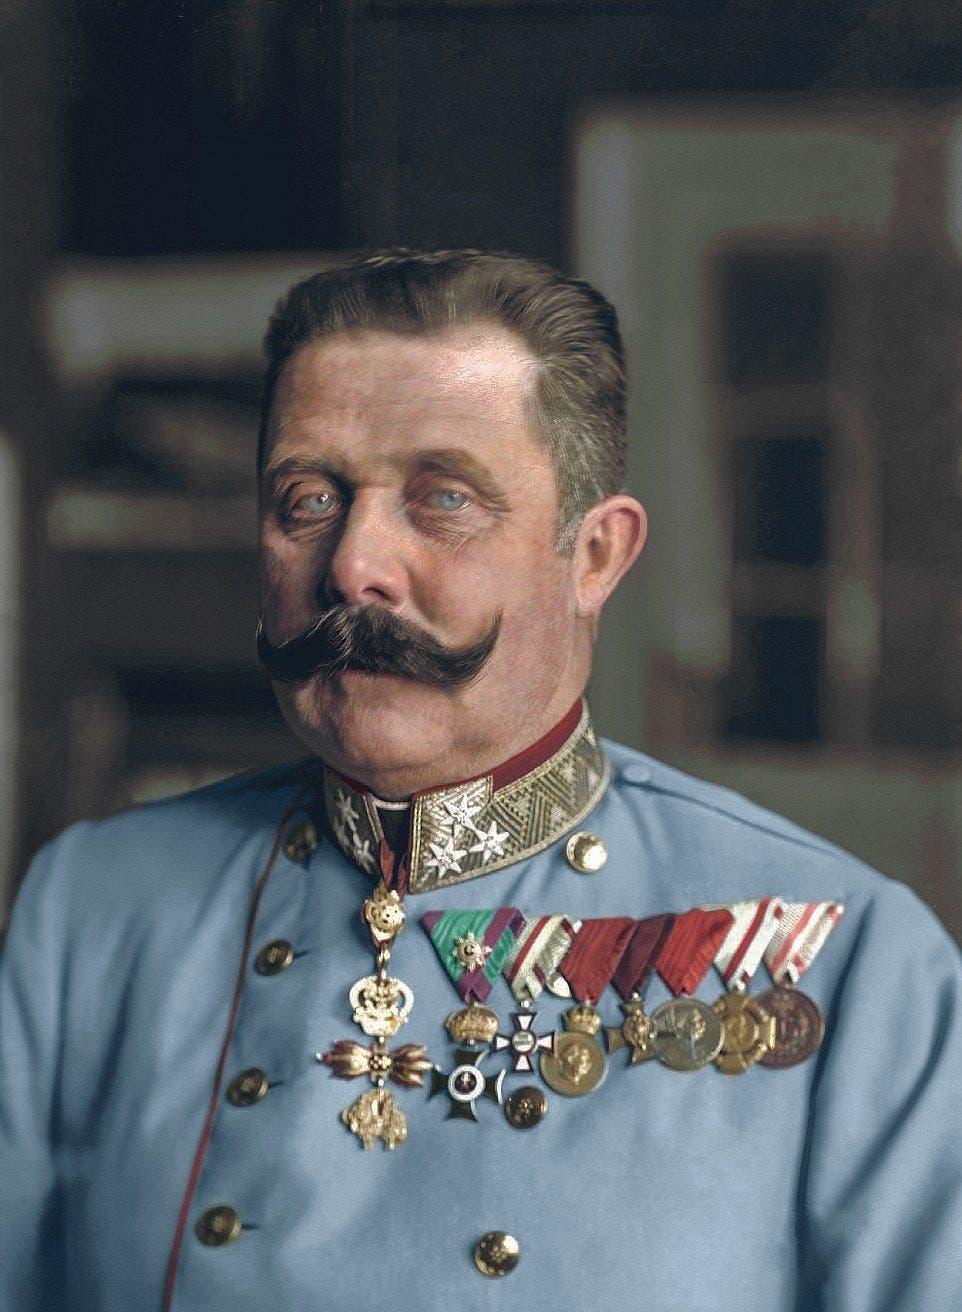 صورة ملونة اعتماداً على التقنيات الحديثة لولي عهد النمسا فرانز فرديناند